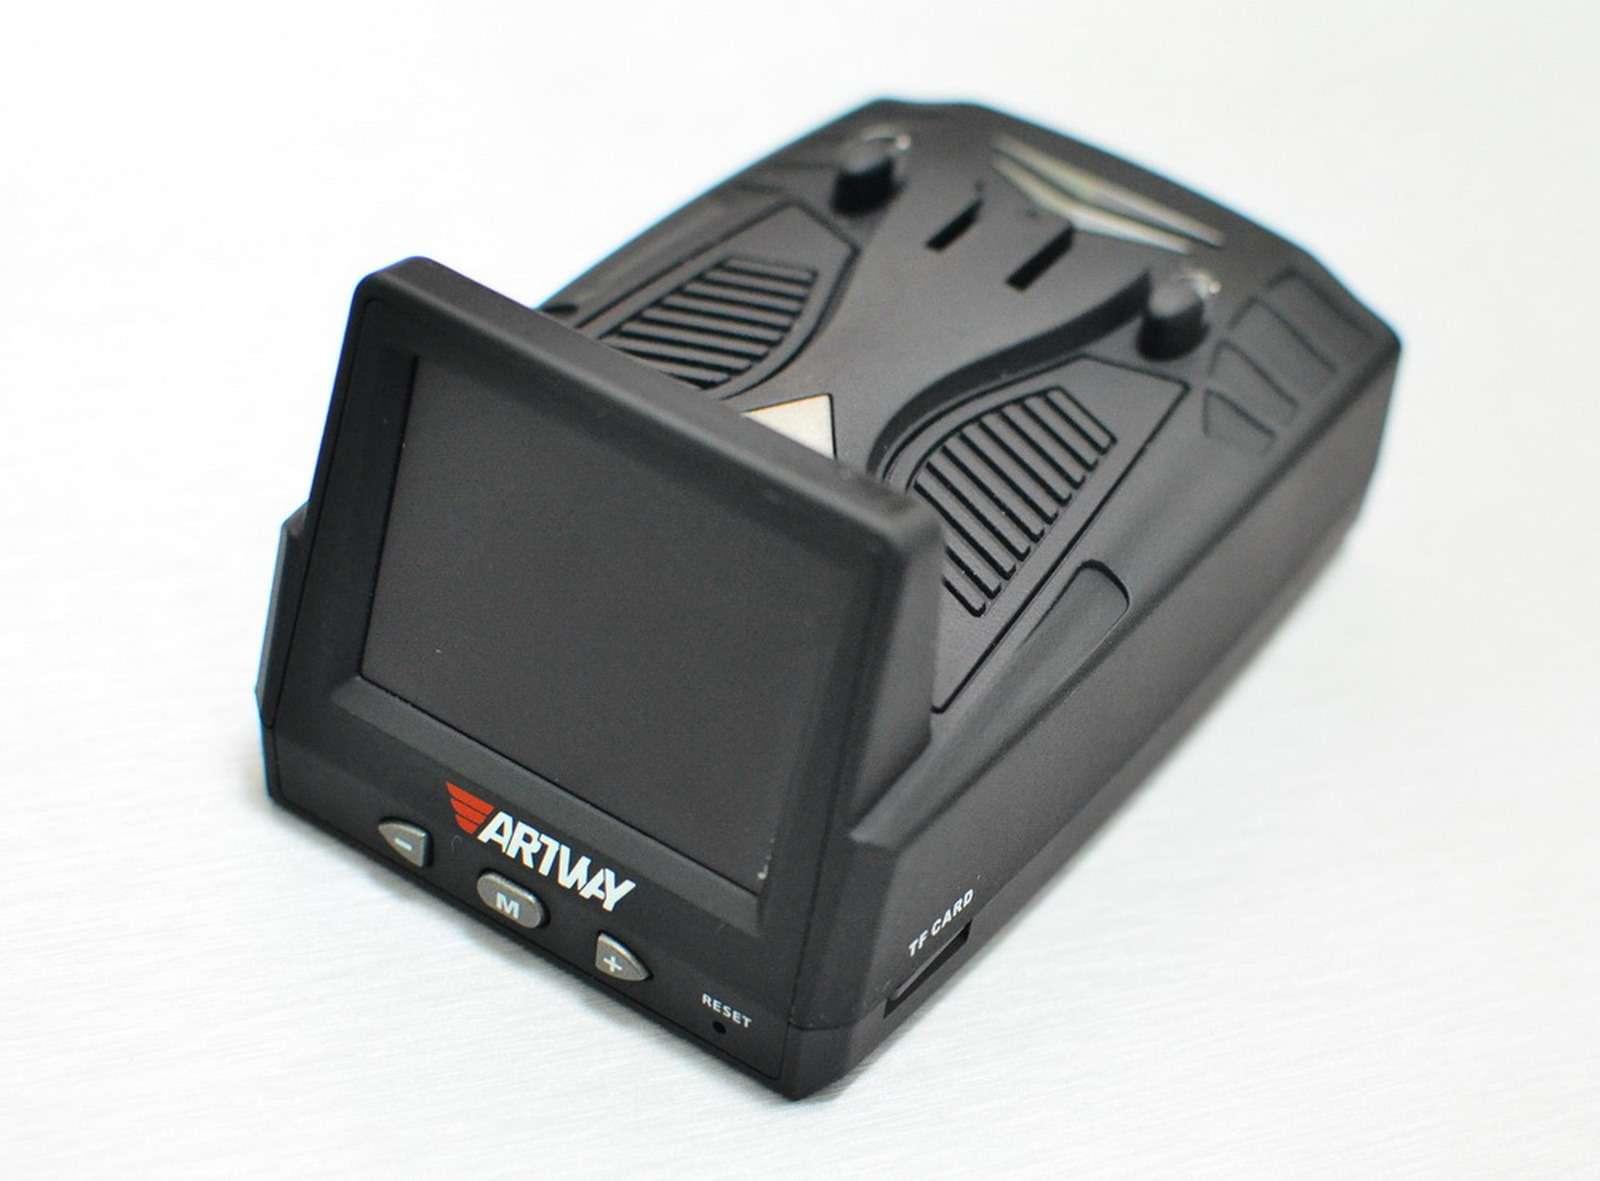 Видеорегистраторы вмороз: как умирают аккумуляторы? Спецтест— фото 854270